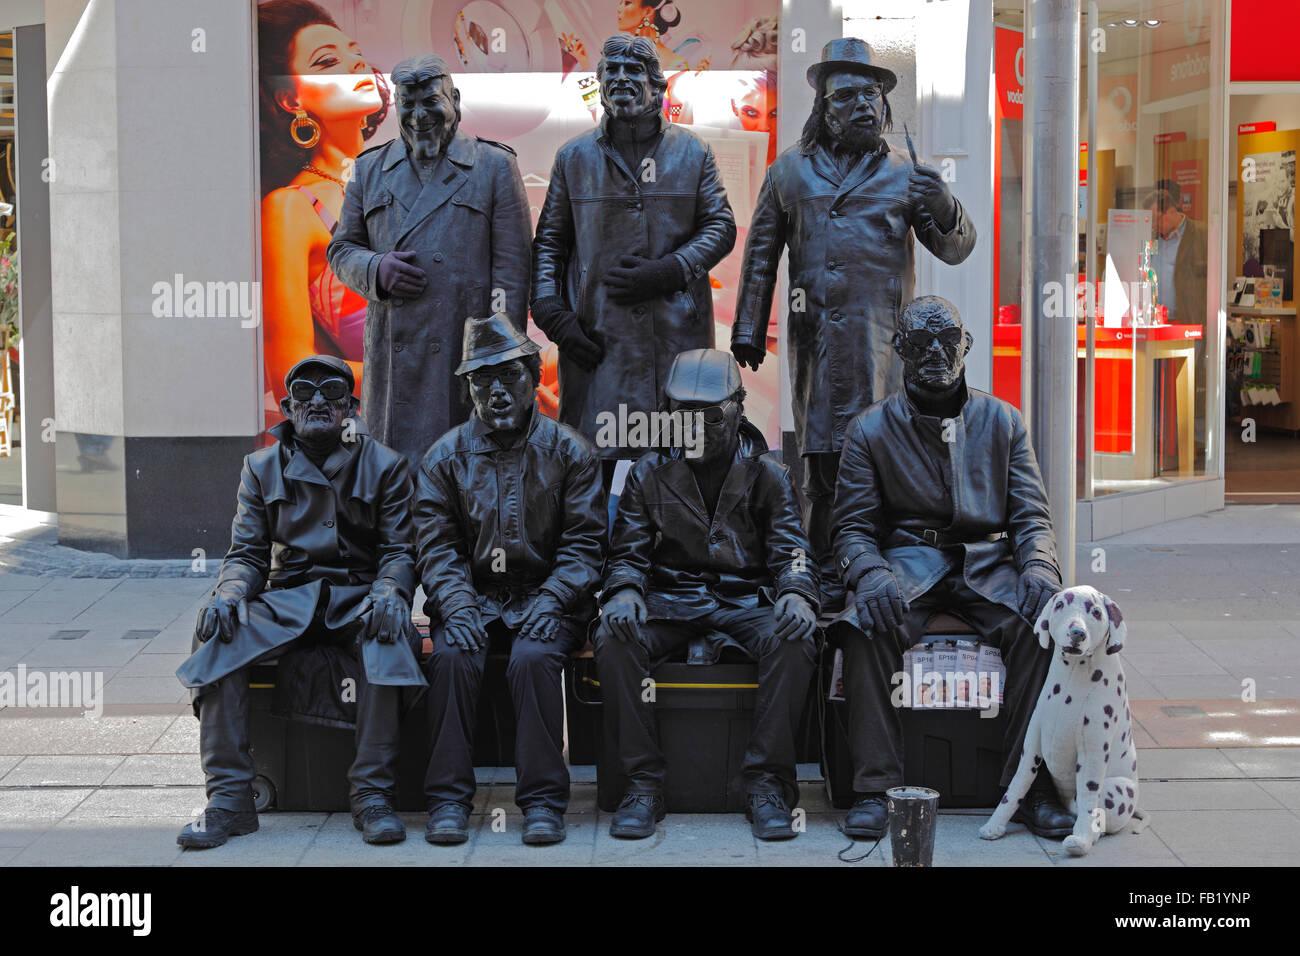 street performer on Henry Street in Dublin, Ireland - Stock Image